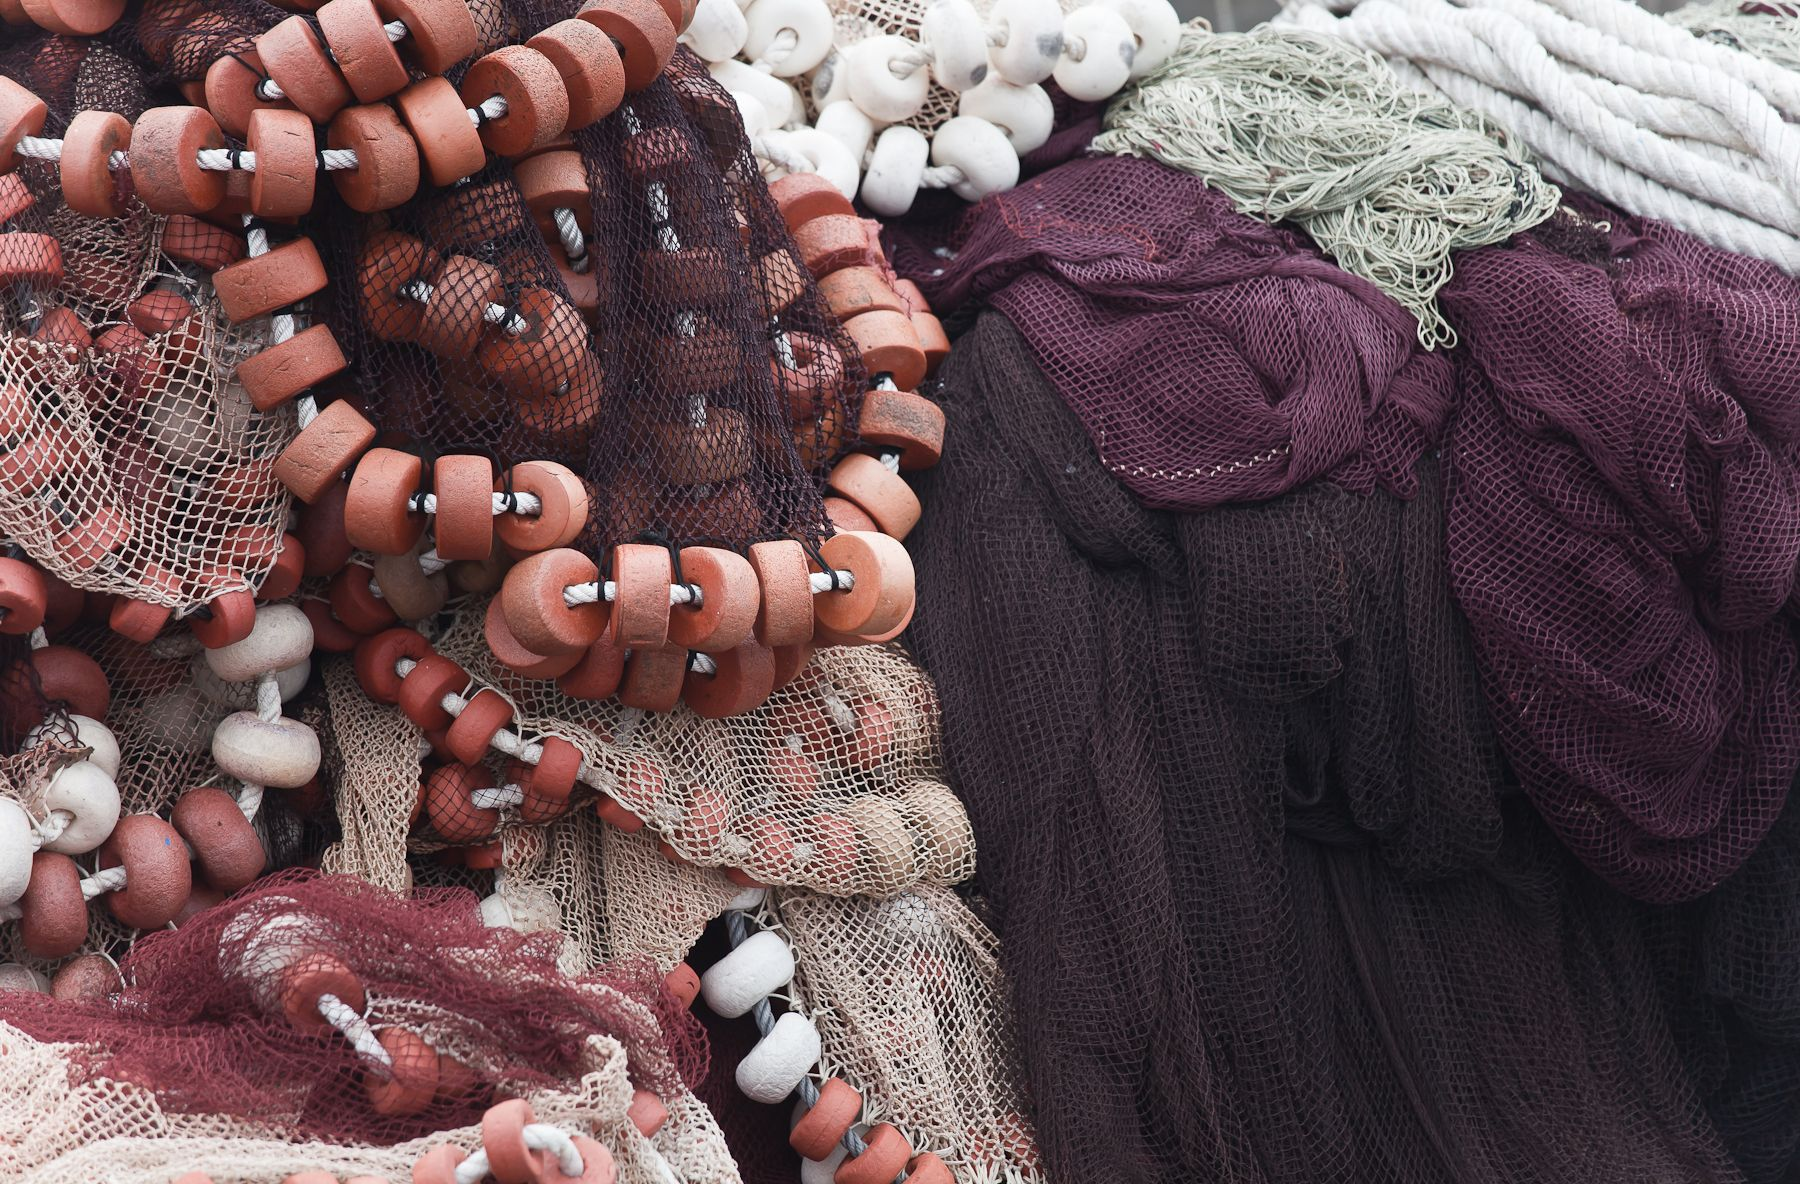 Cholita Corme recicla redes de pesca